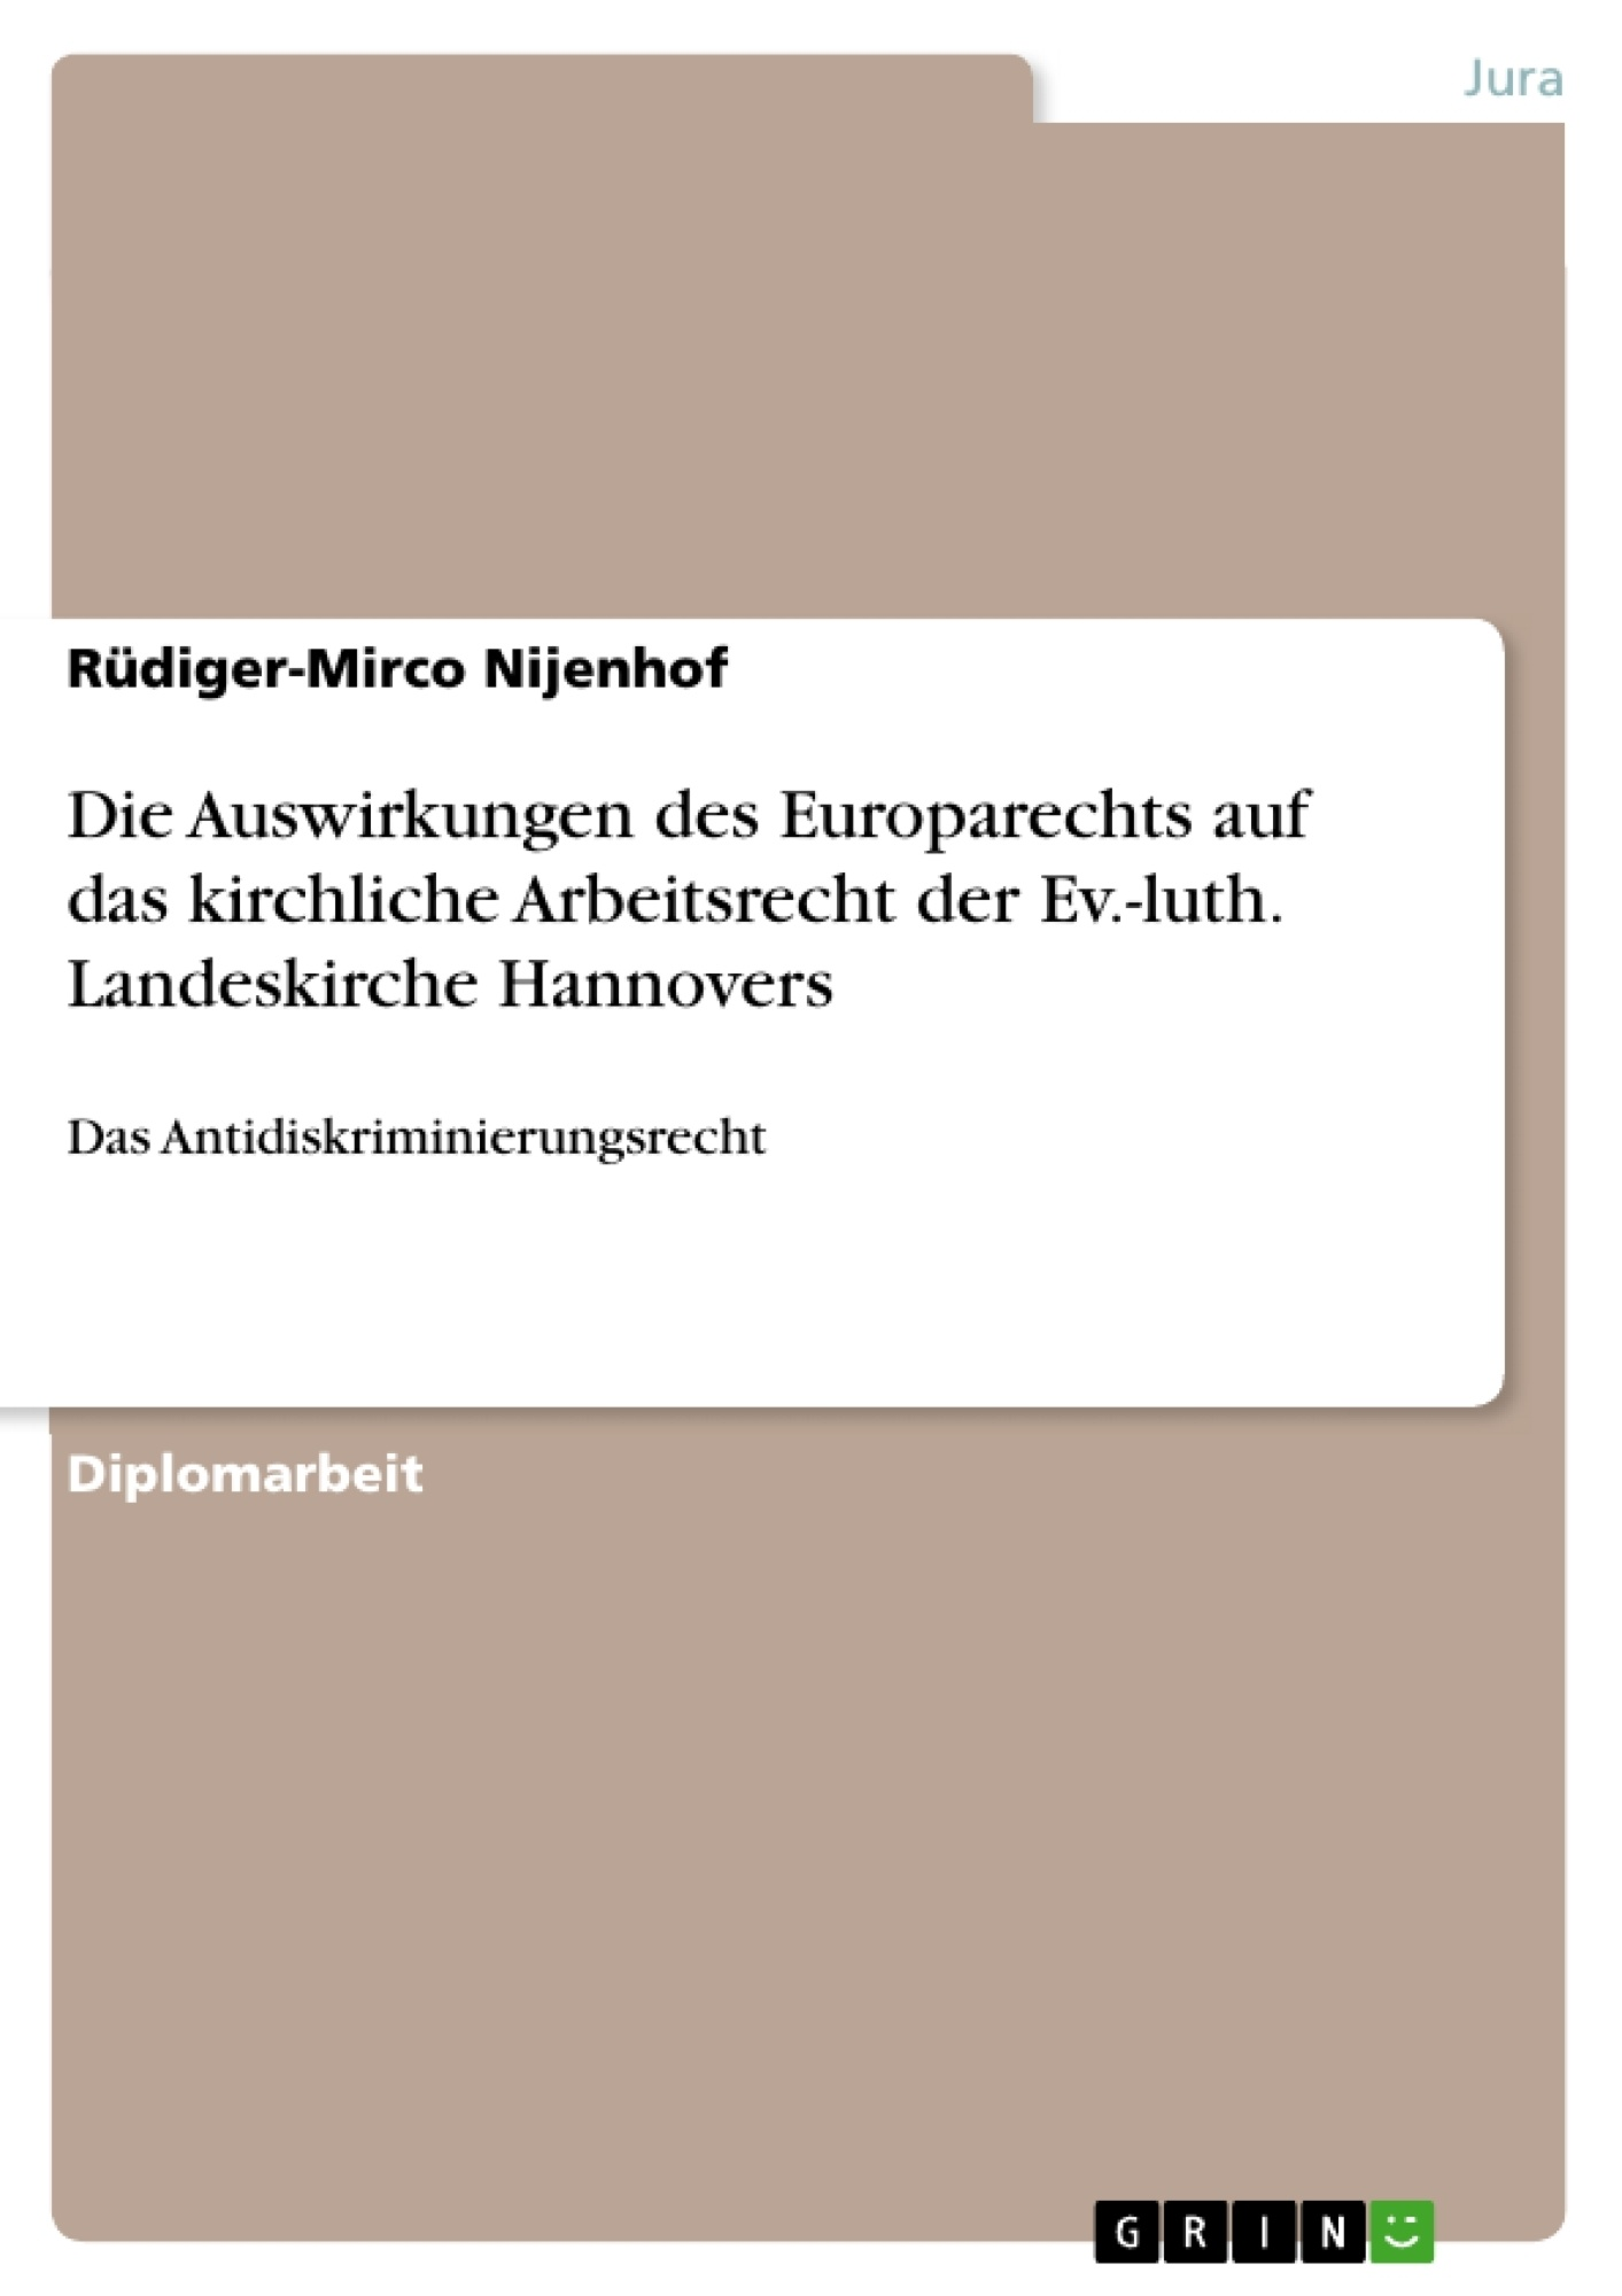 Titel: Die Auswirkungen des Europarechts auf das kirchliche Arbeitsrecht der Ev.-luth. Landeskirche Hannovers